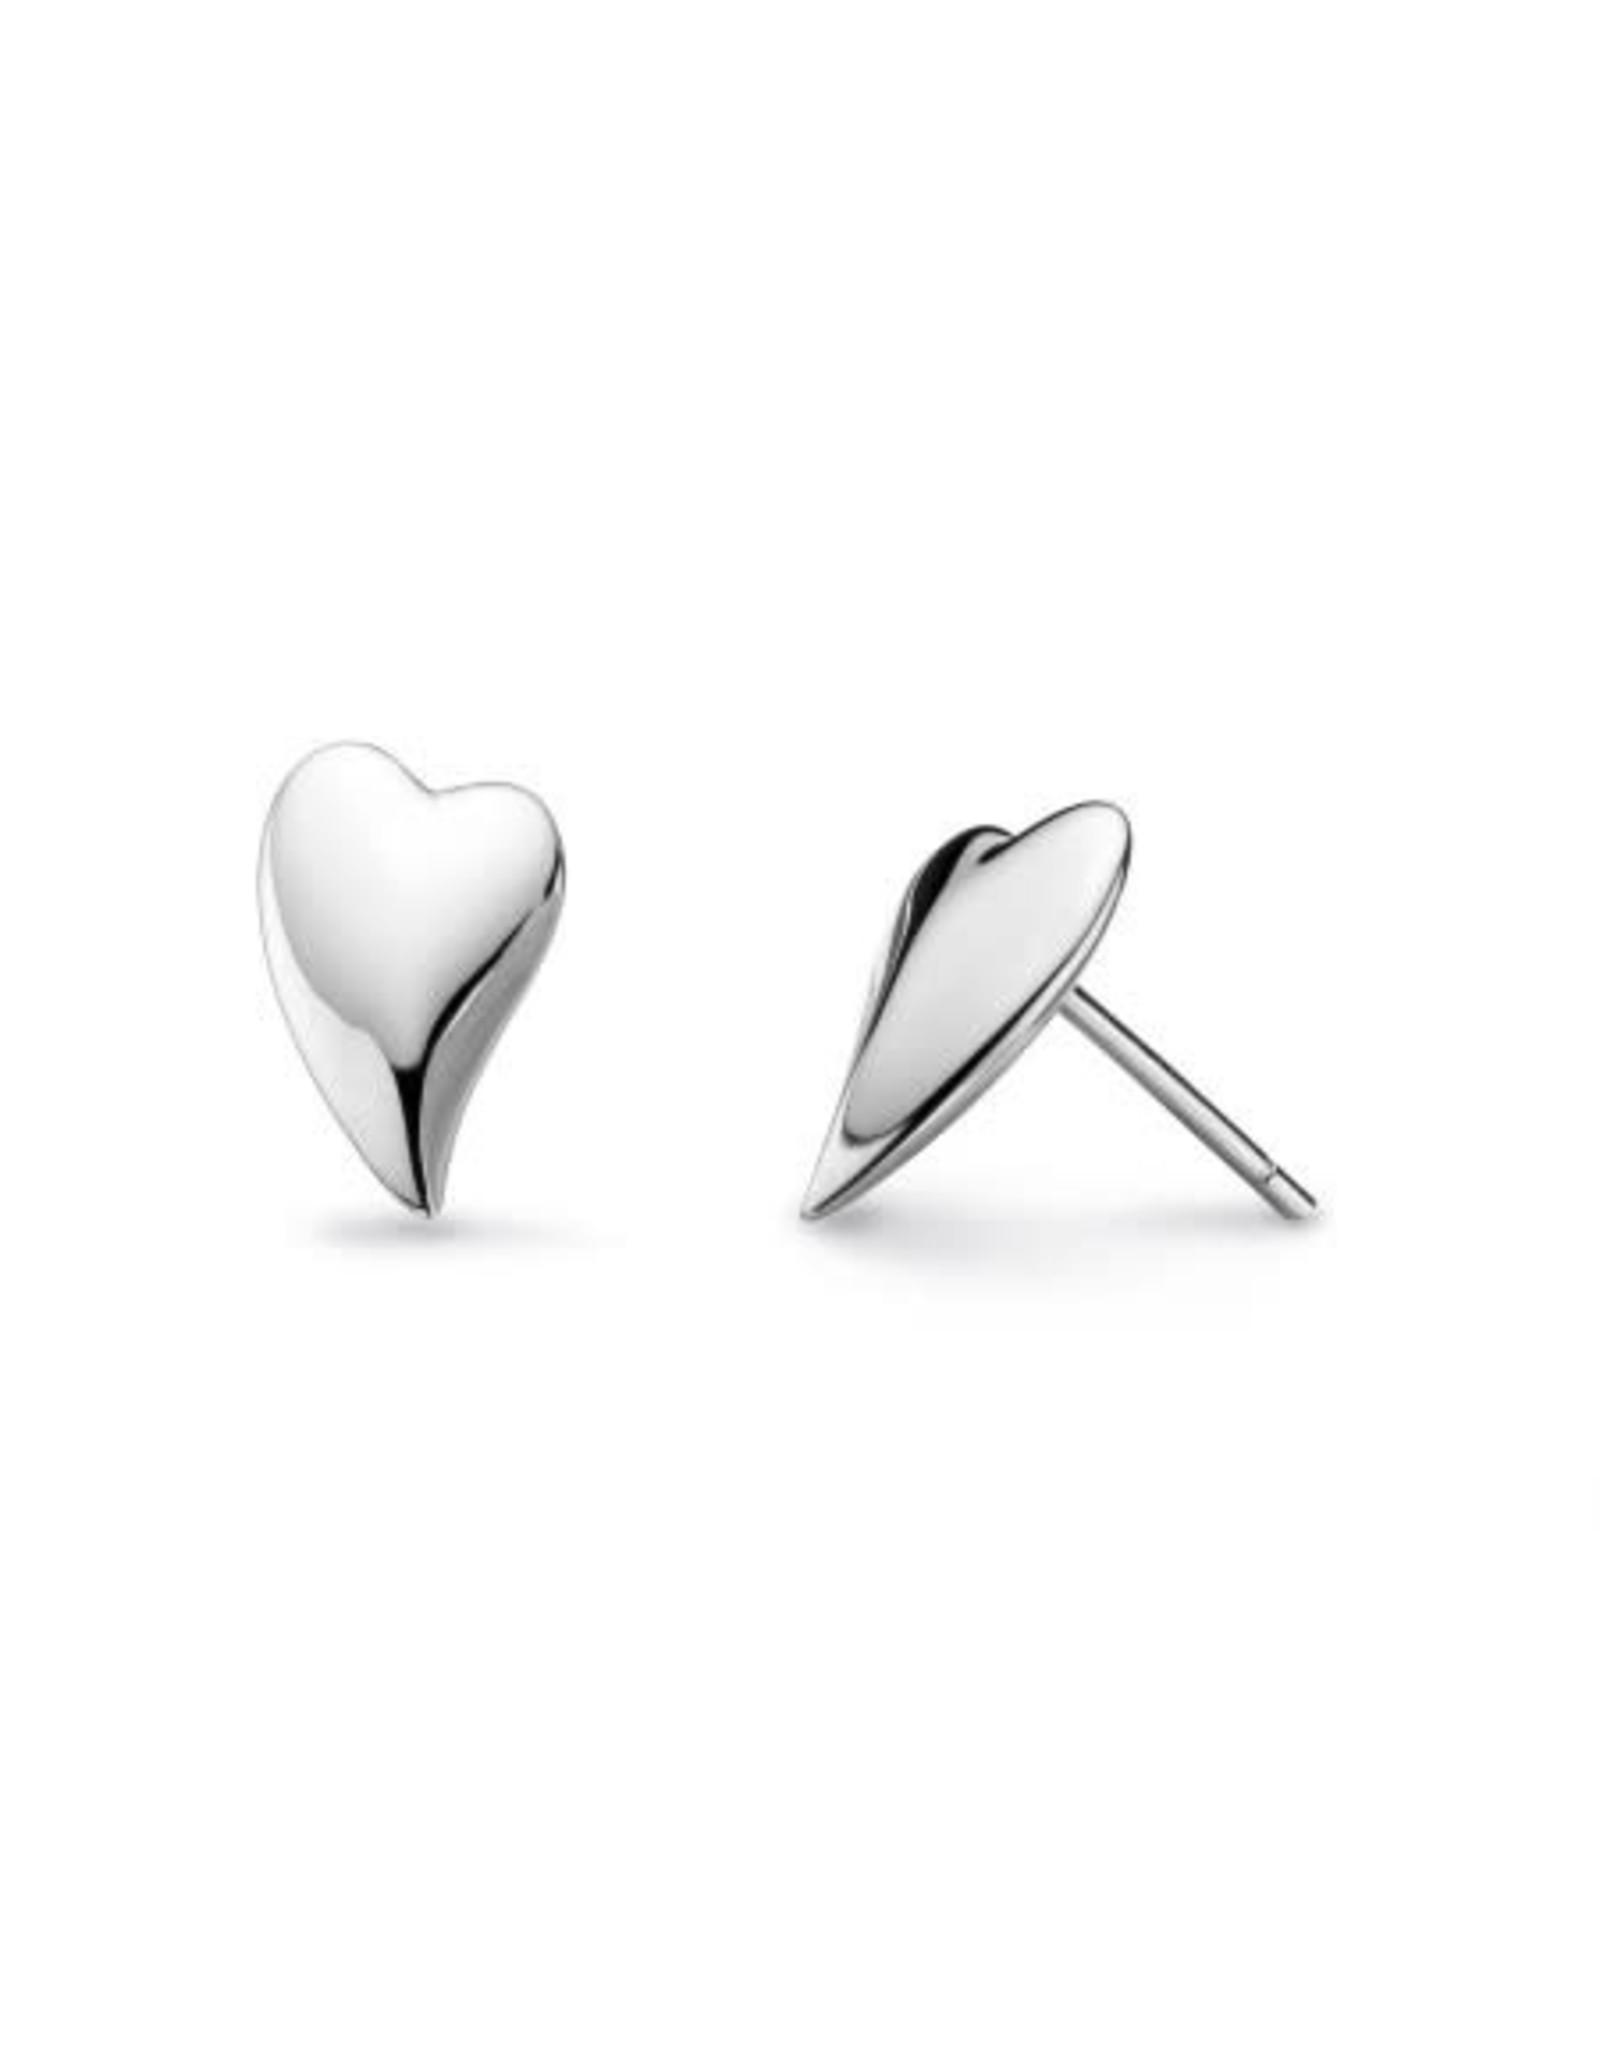 Kit Heath LUST HEART STUD EARRING